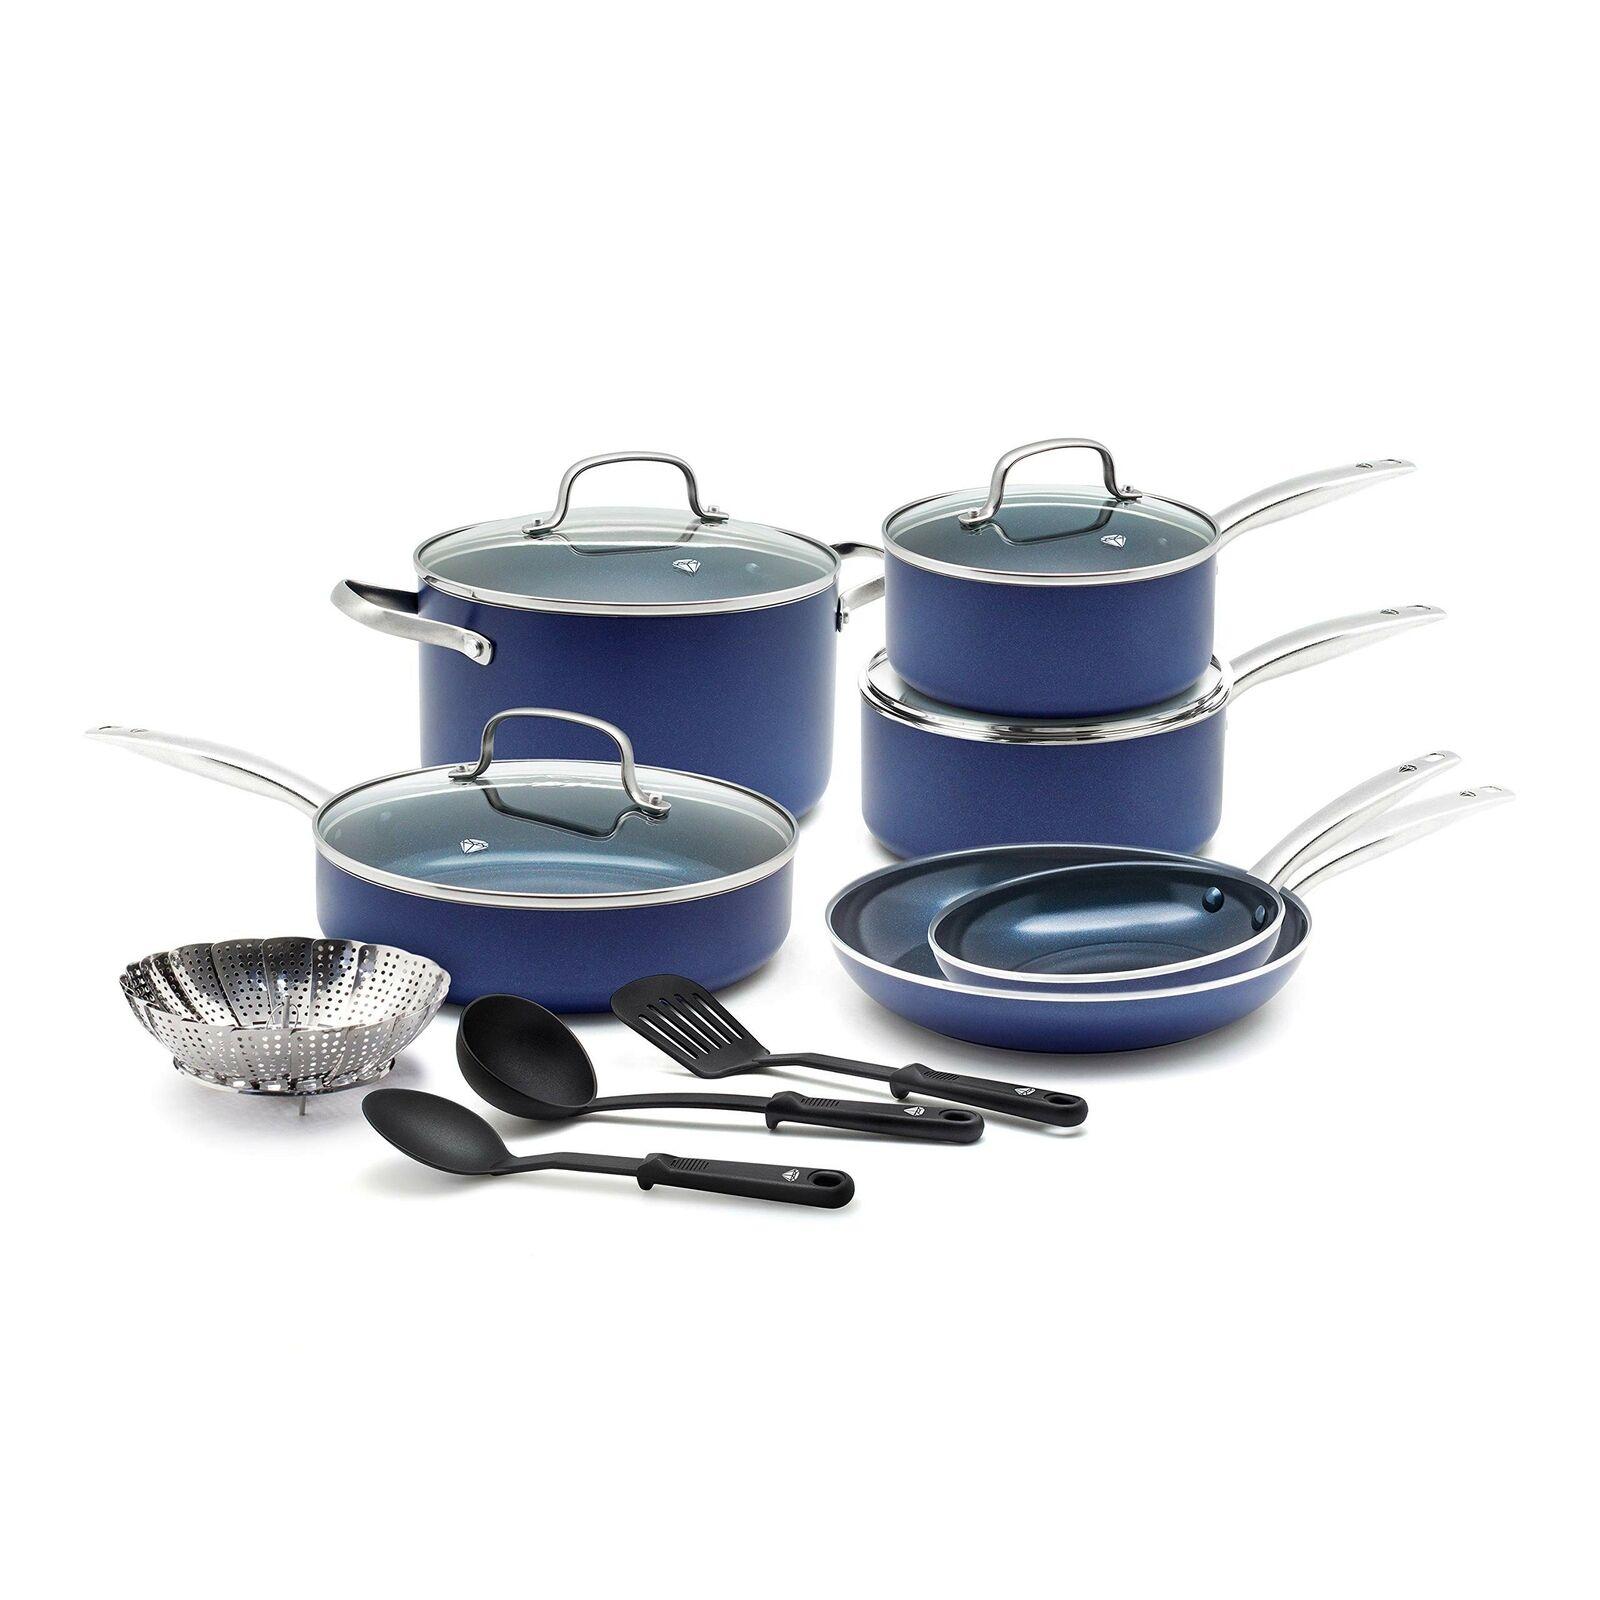 Cc001951-001 Juego De Utensilios De Cocina, 14 Piezas, Blau